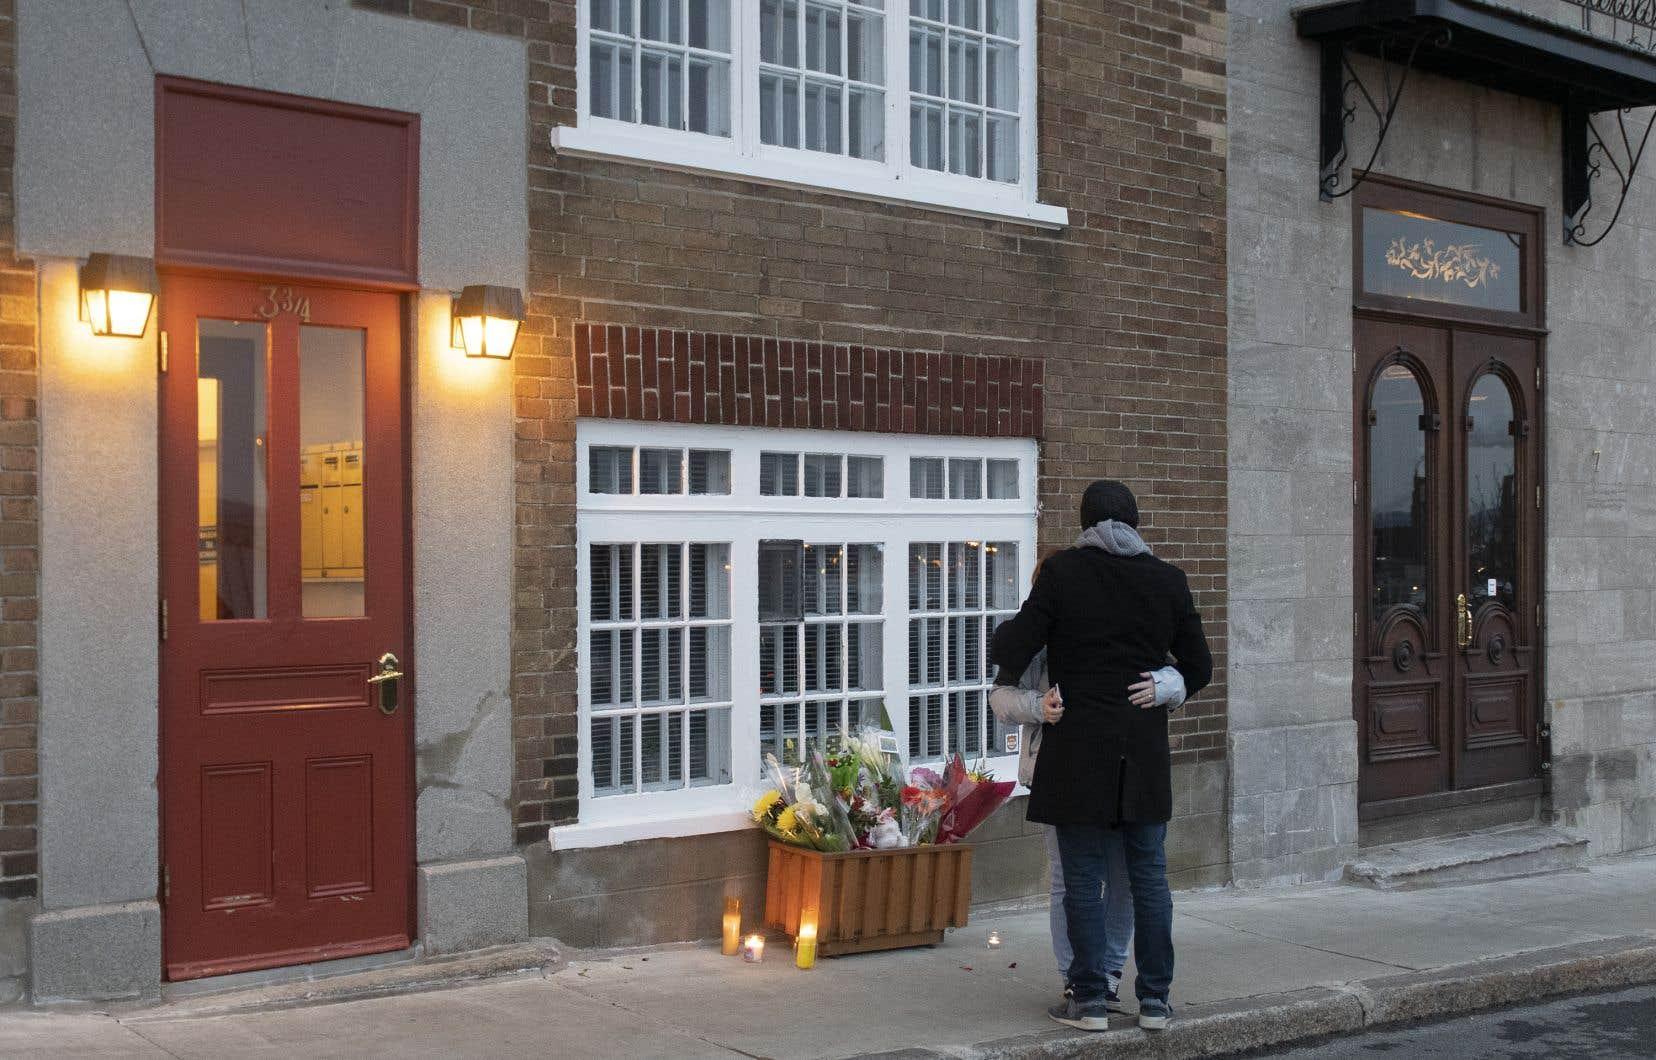 Carl Girouard, 24 ans, est soupçonné d'avoir semé la mort samedi soir dans les rues du Vieux-Québec.